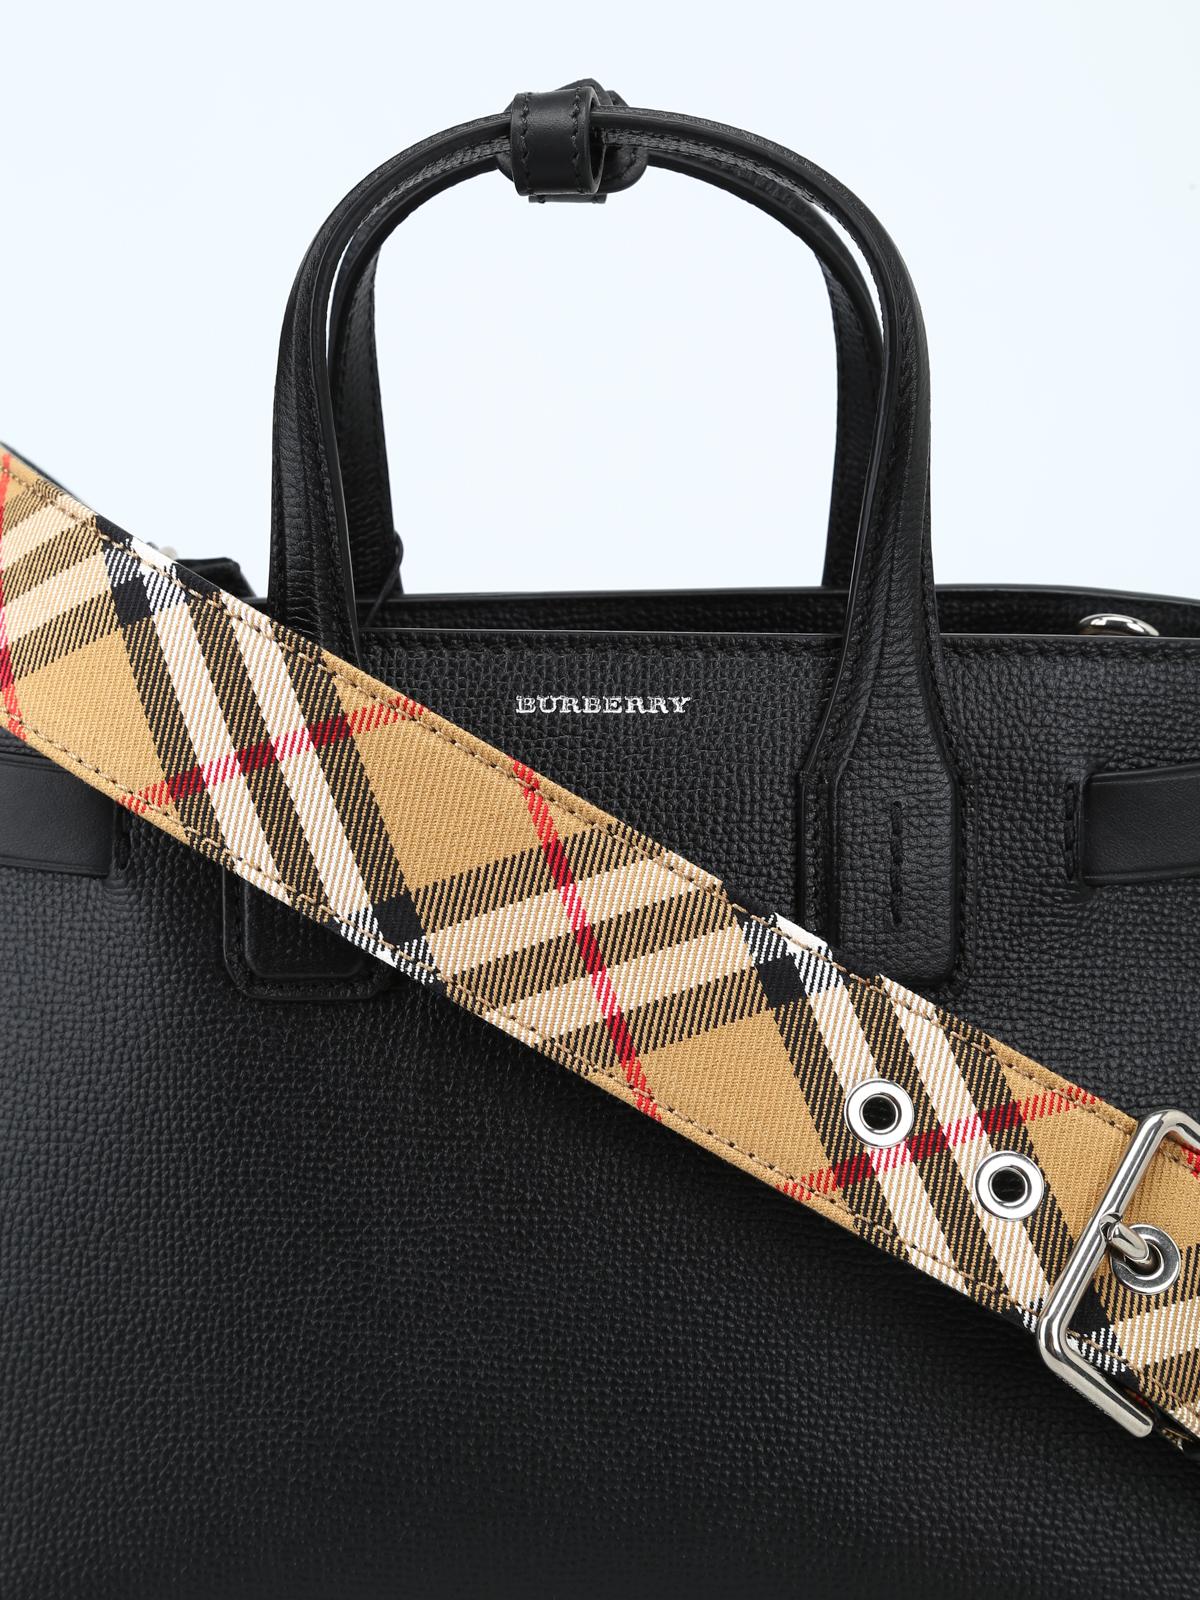 Burberry - Borsa The Small Banner in pelle nera - borse a tracolla ... f042dfe4537